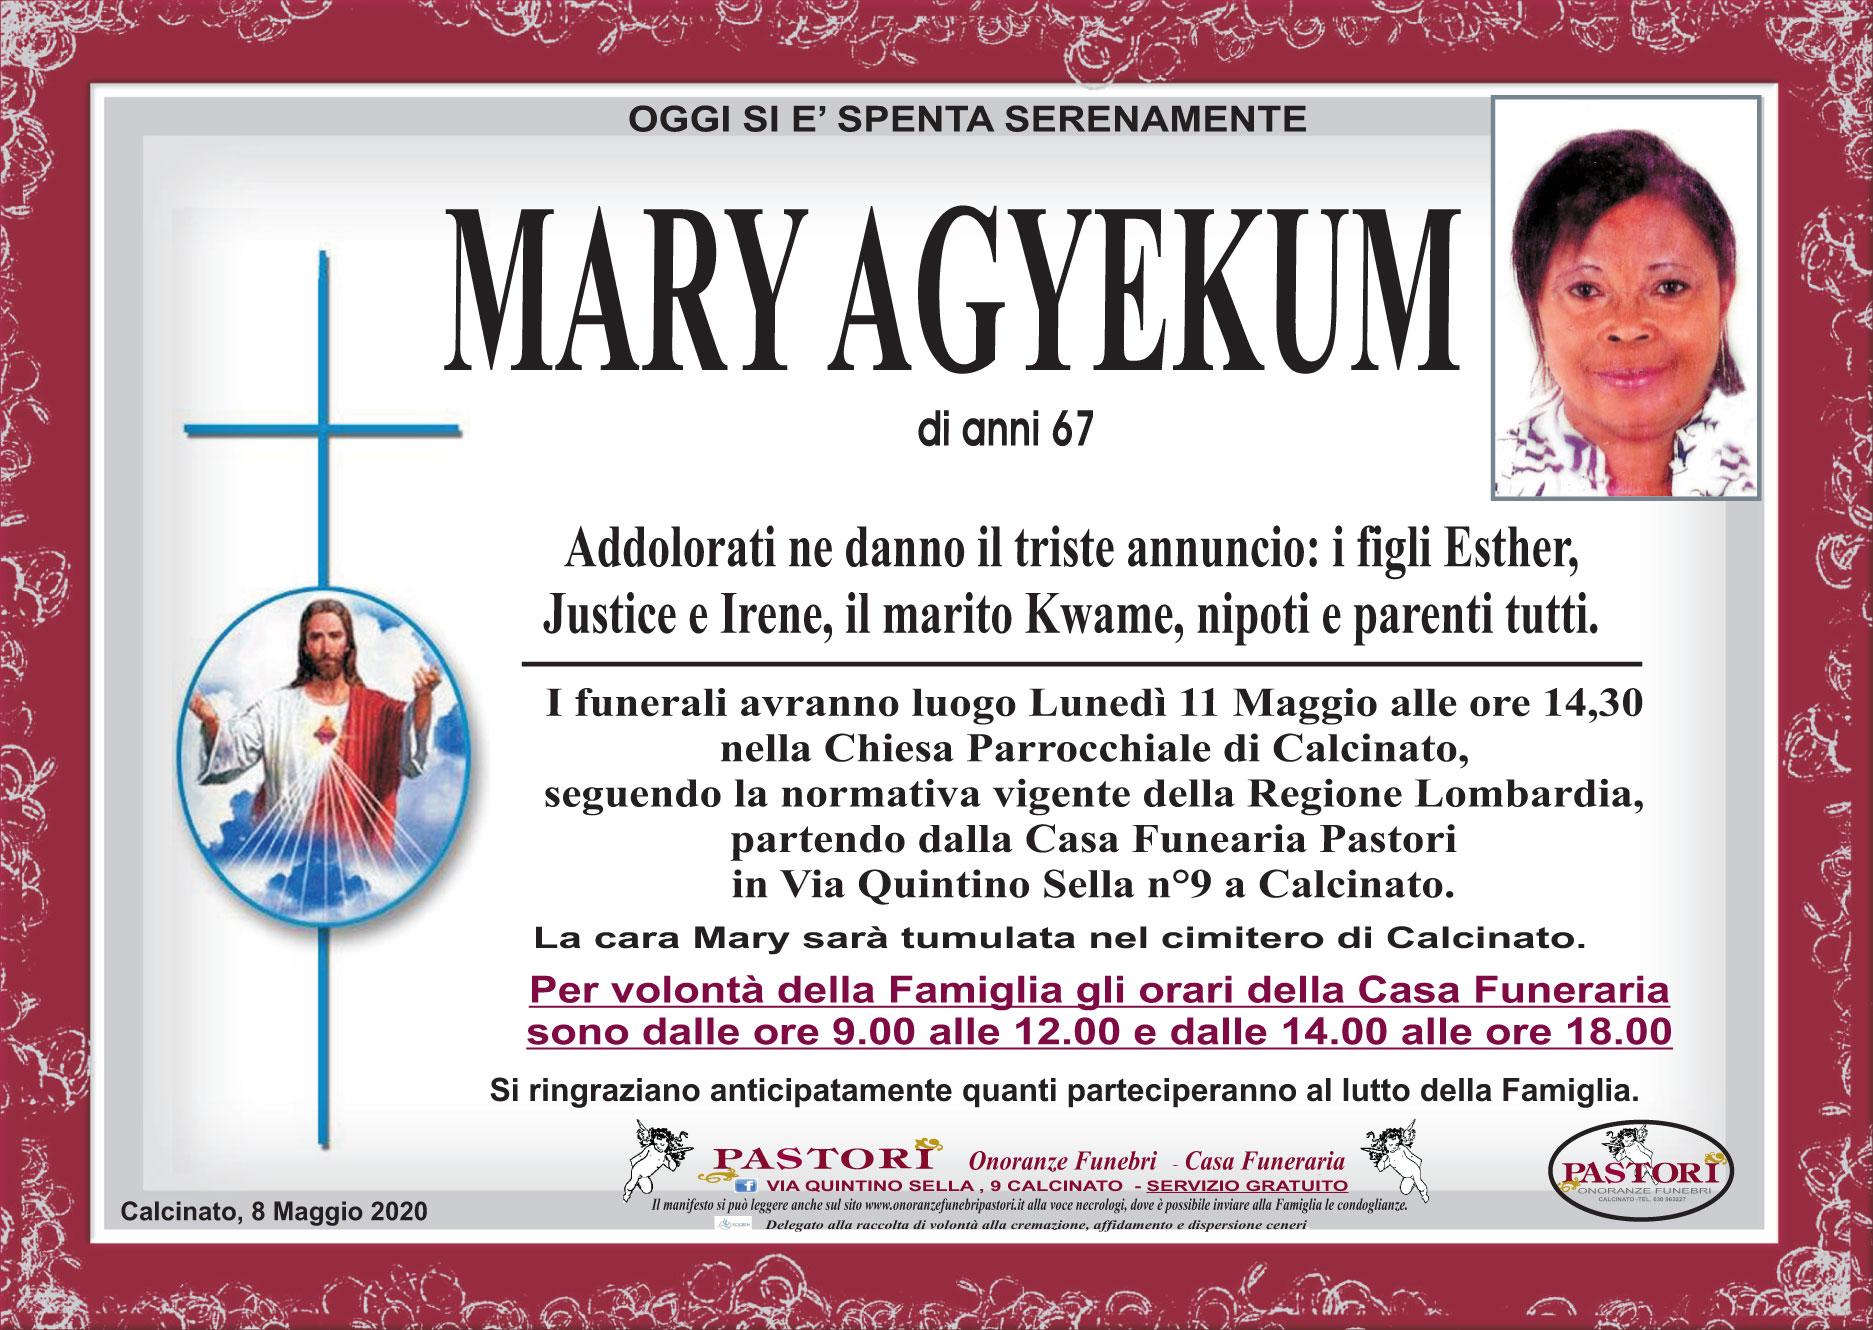 Mary Agyekum